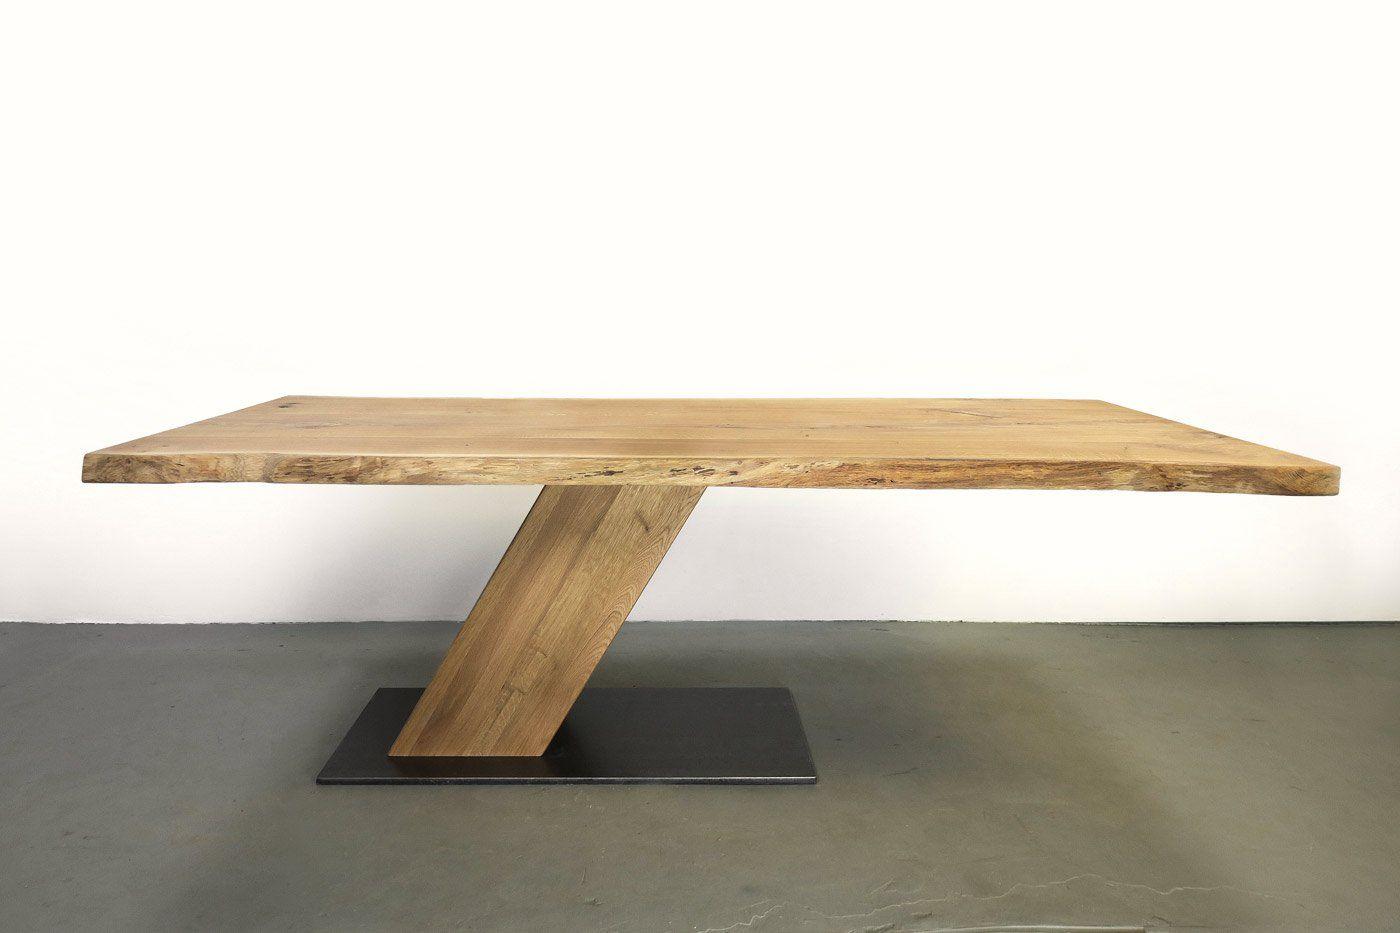 Moderner Mittelfuss Esstisch Auf Mass Nyborg Eiche Wohnsektion Holztisch Design Esstisch Massiv Tisch